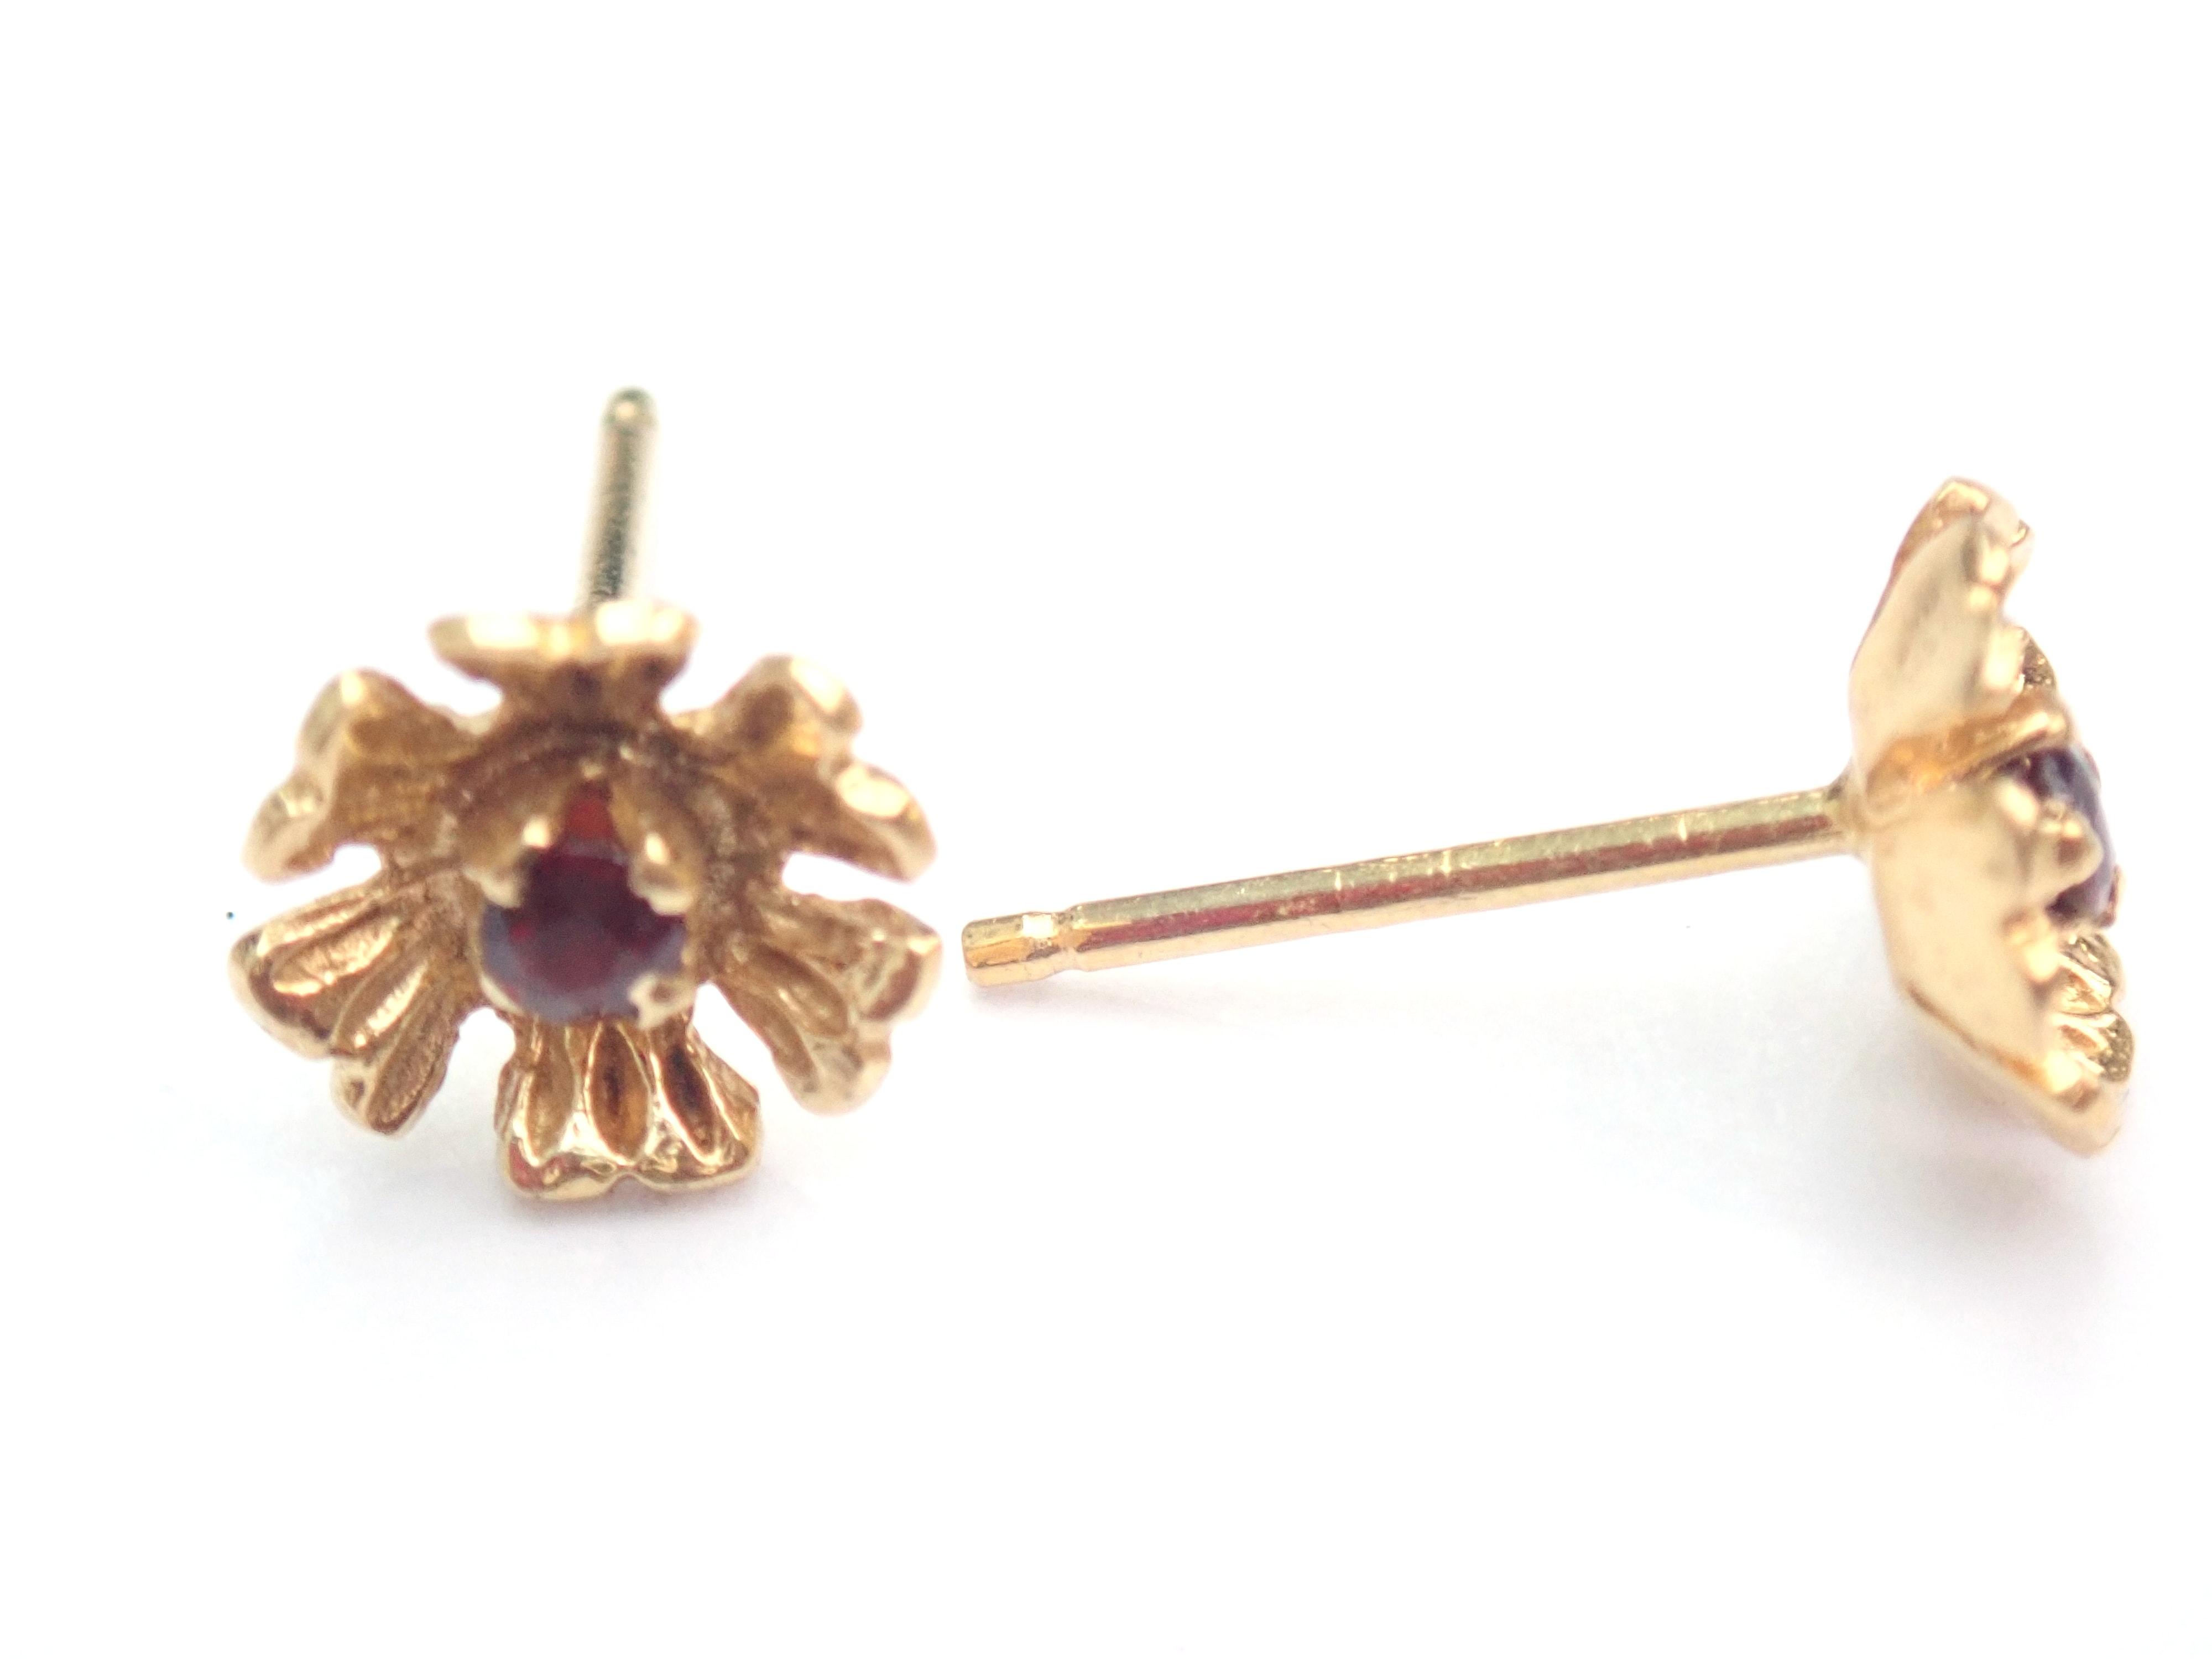 AZZ00637 - Stunning! 18k 750 Yellow Gold Ruby- Flower Earrings Butterfly Backs 1.8gms #65